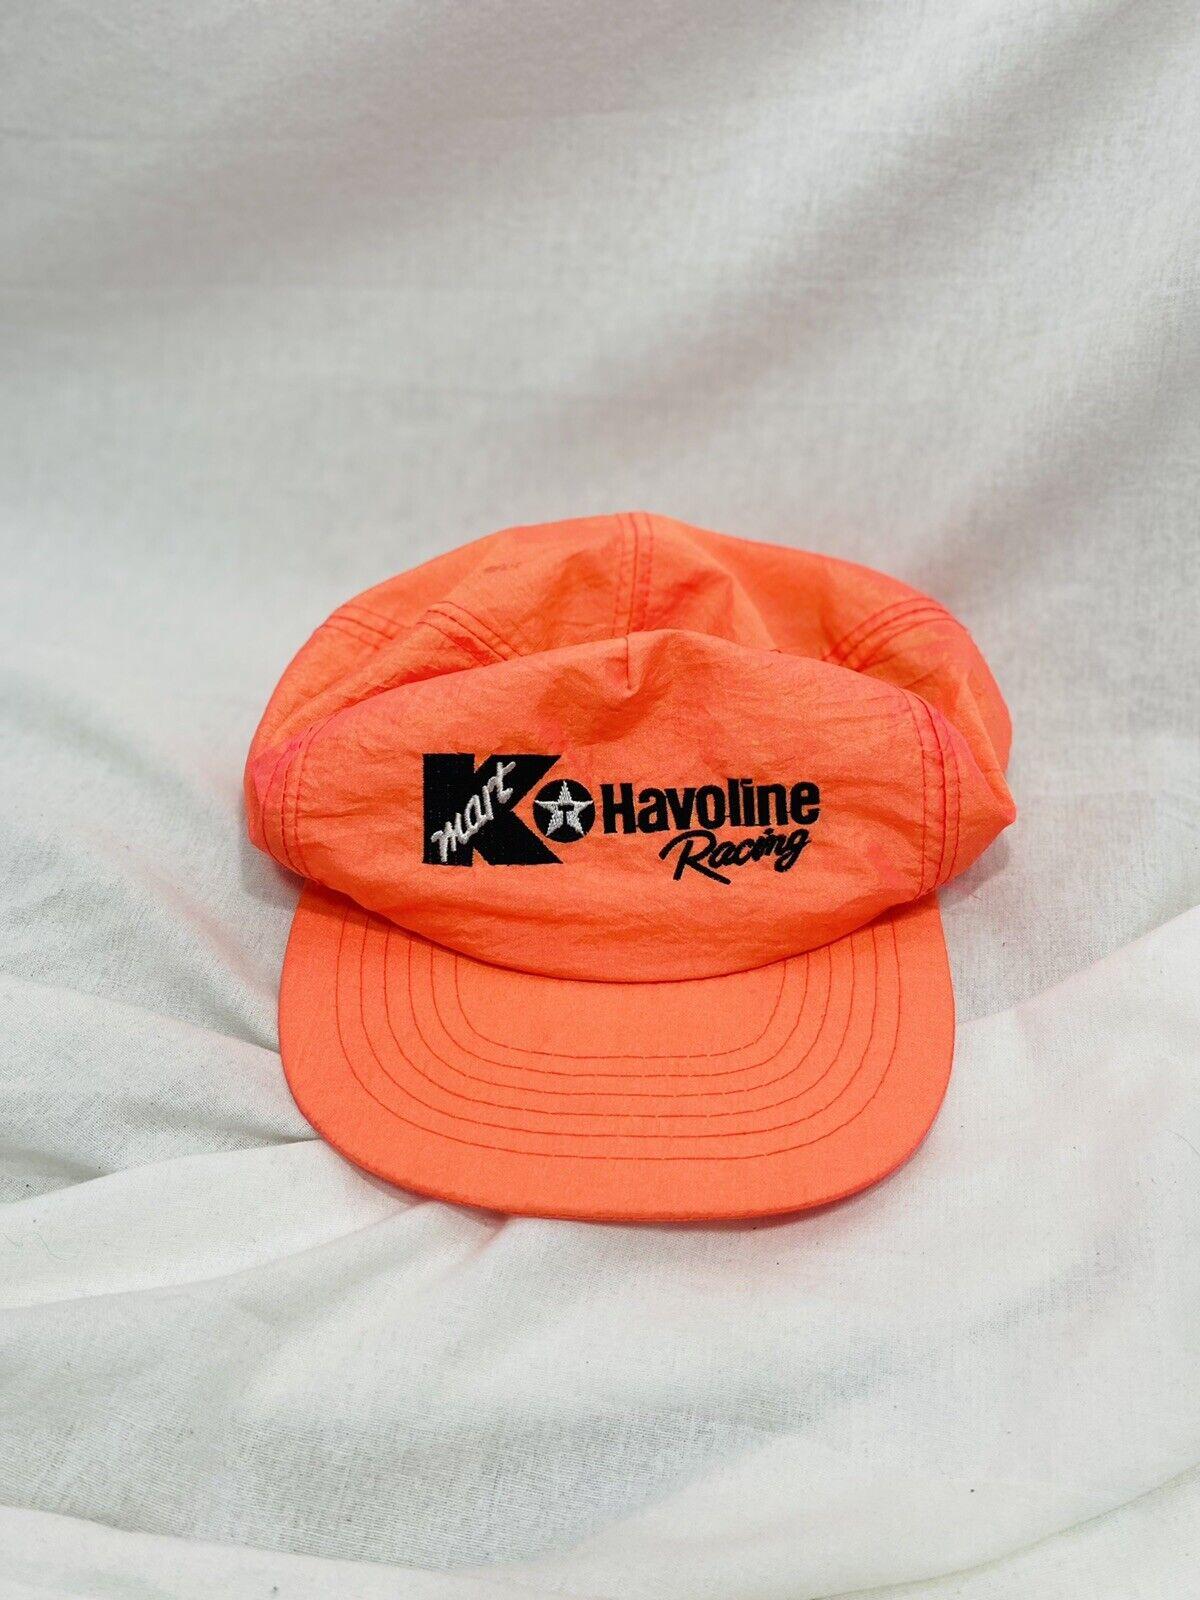 Vintage Neon Flourescent Orange KMart Havoline Racing Snapback Hat by Clark